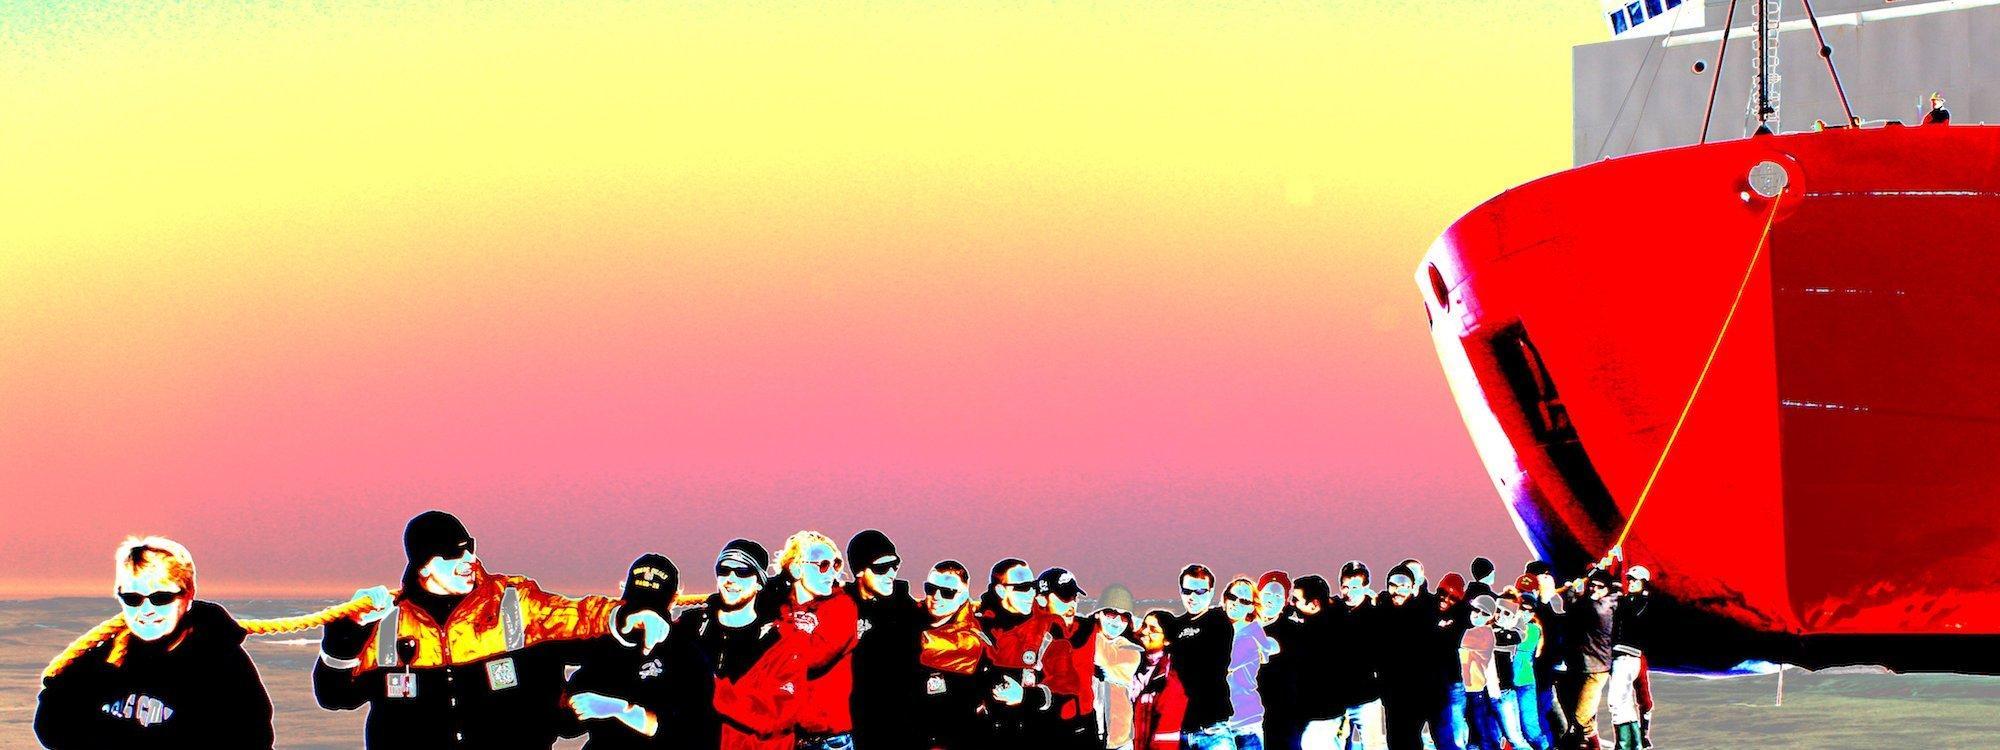 """Eine Reihe von Menschen, angeführt von der Kapitänin, steht auf dem Eis und zieht an einer Trosse, die zum Bug eines Eisbrechers mit rotem Rumpf führt. Bei der Icescape-Mission der Nasa posiert die Besatzung des US-Coast-Guard-Schiffs """"Healy"""" 2011."""